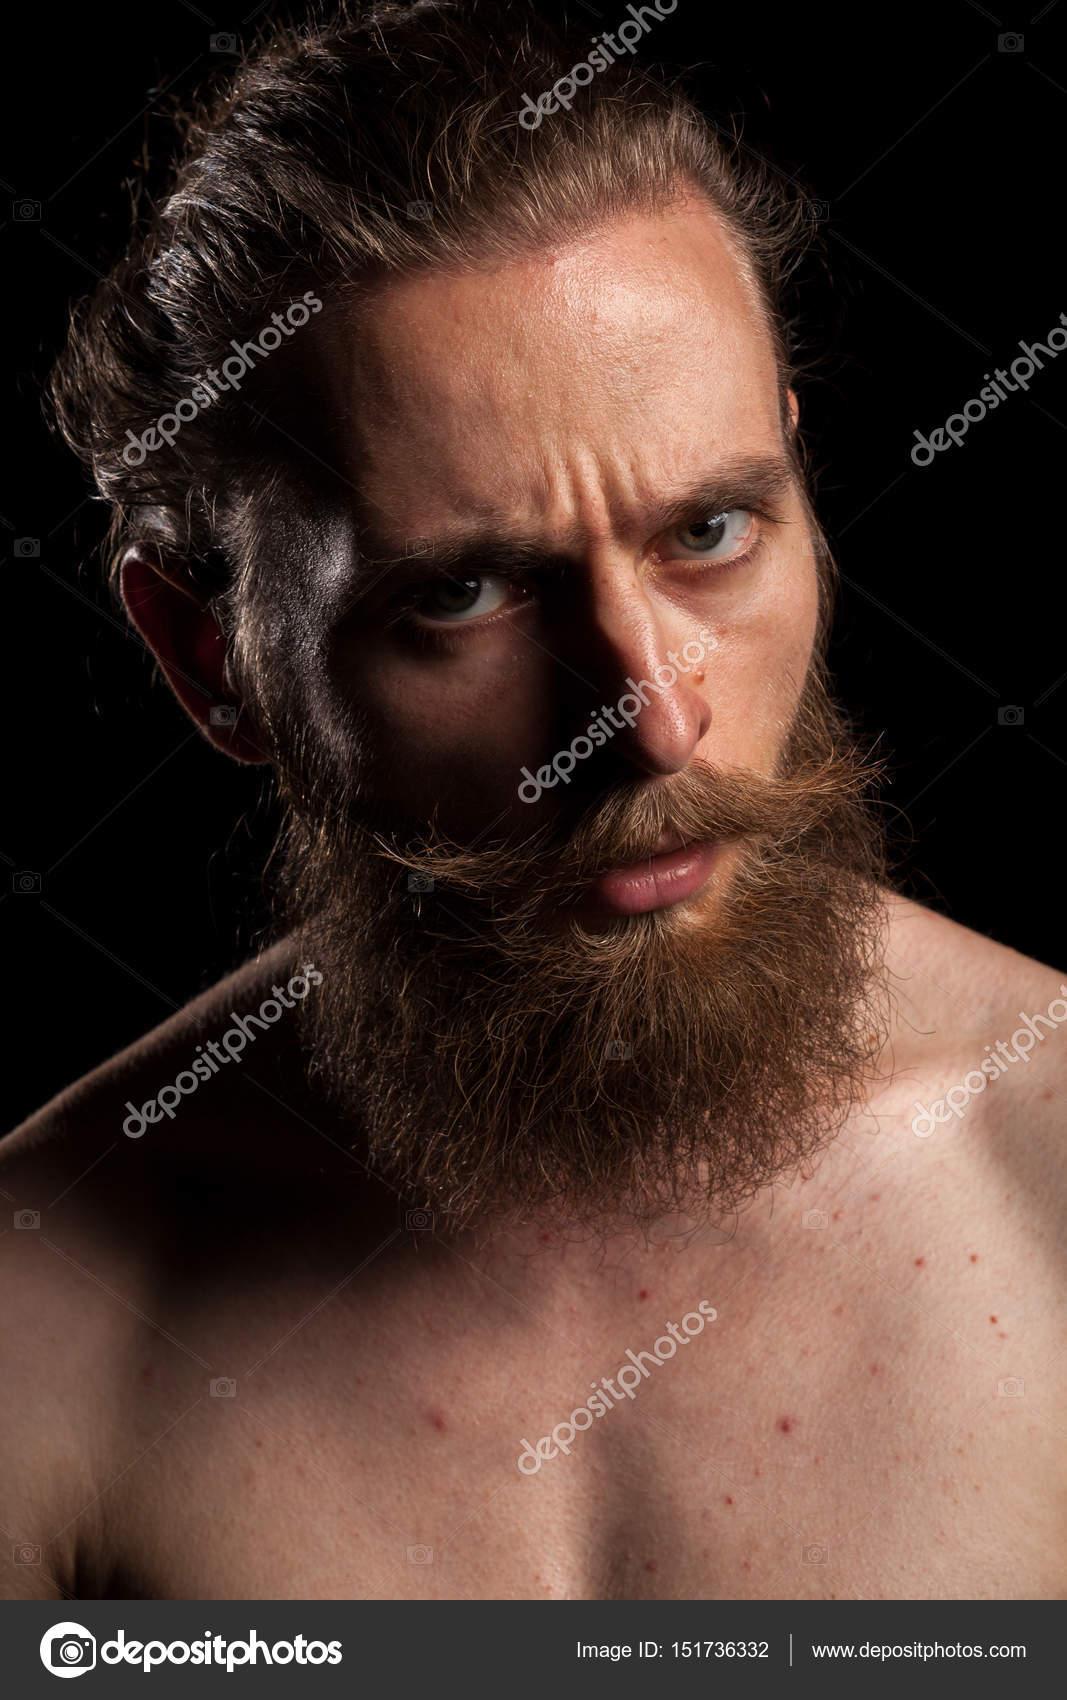 Retratos de tatuaje hipster barbudo sobre fondo negro — Foto de Stock 704654a45f8